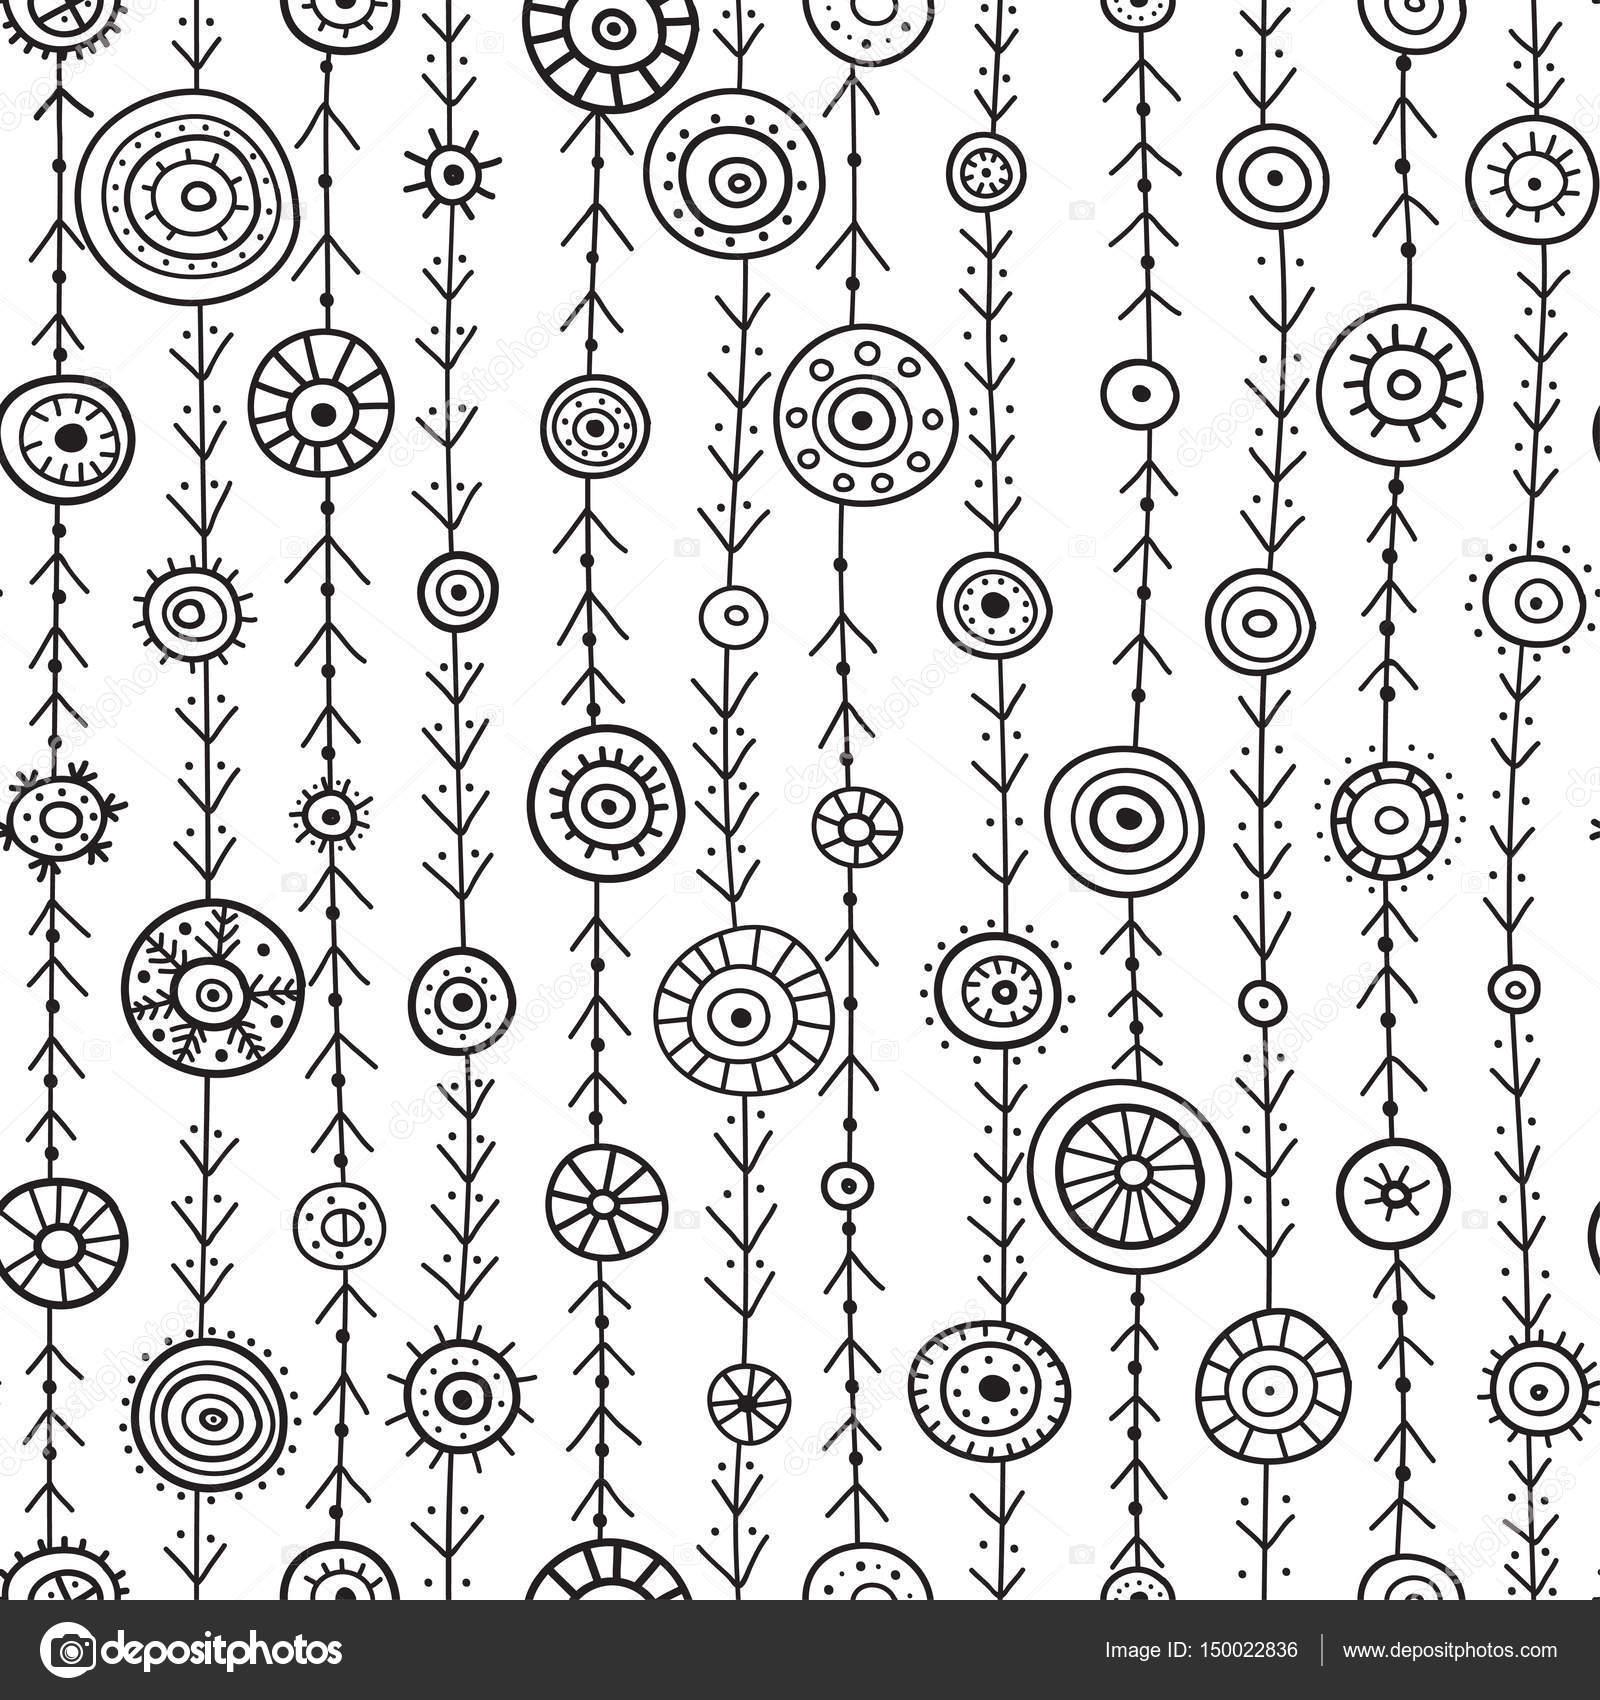 círculos ornamentales en líneas del patrón sin costuras — Vector de ...